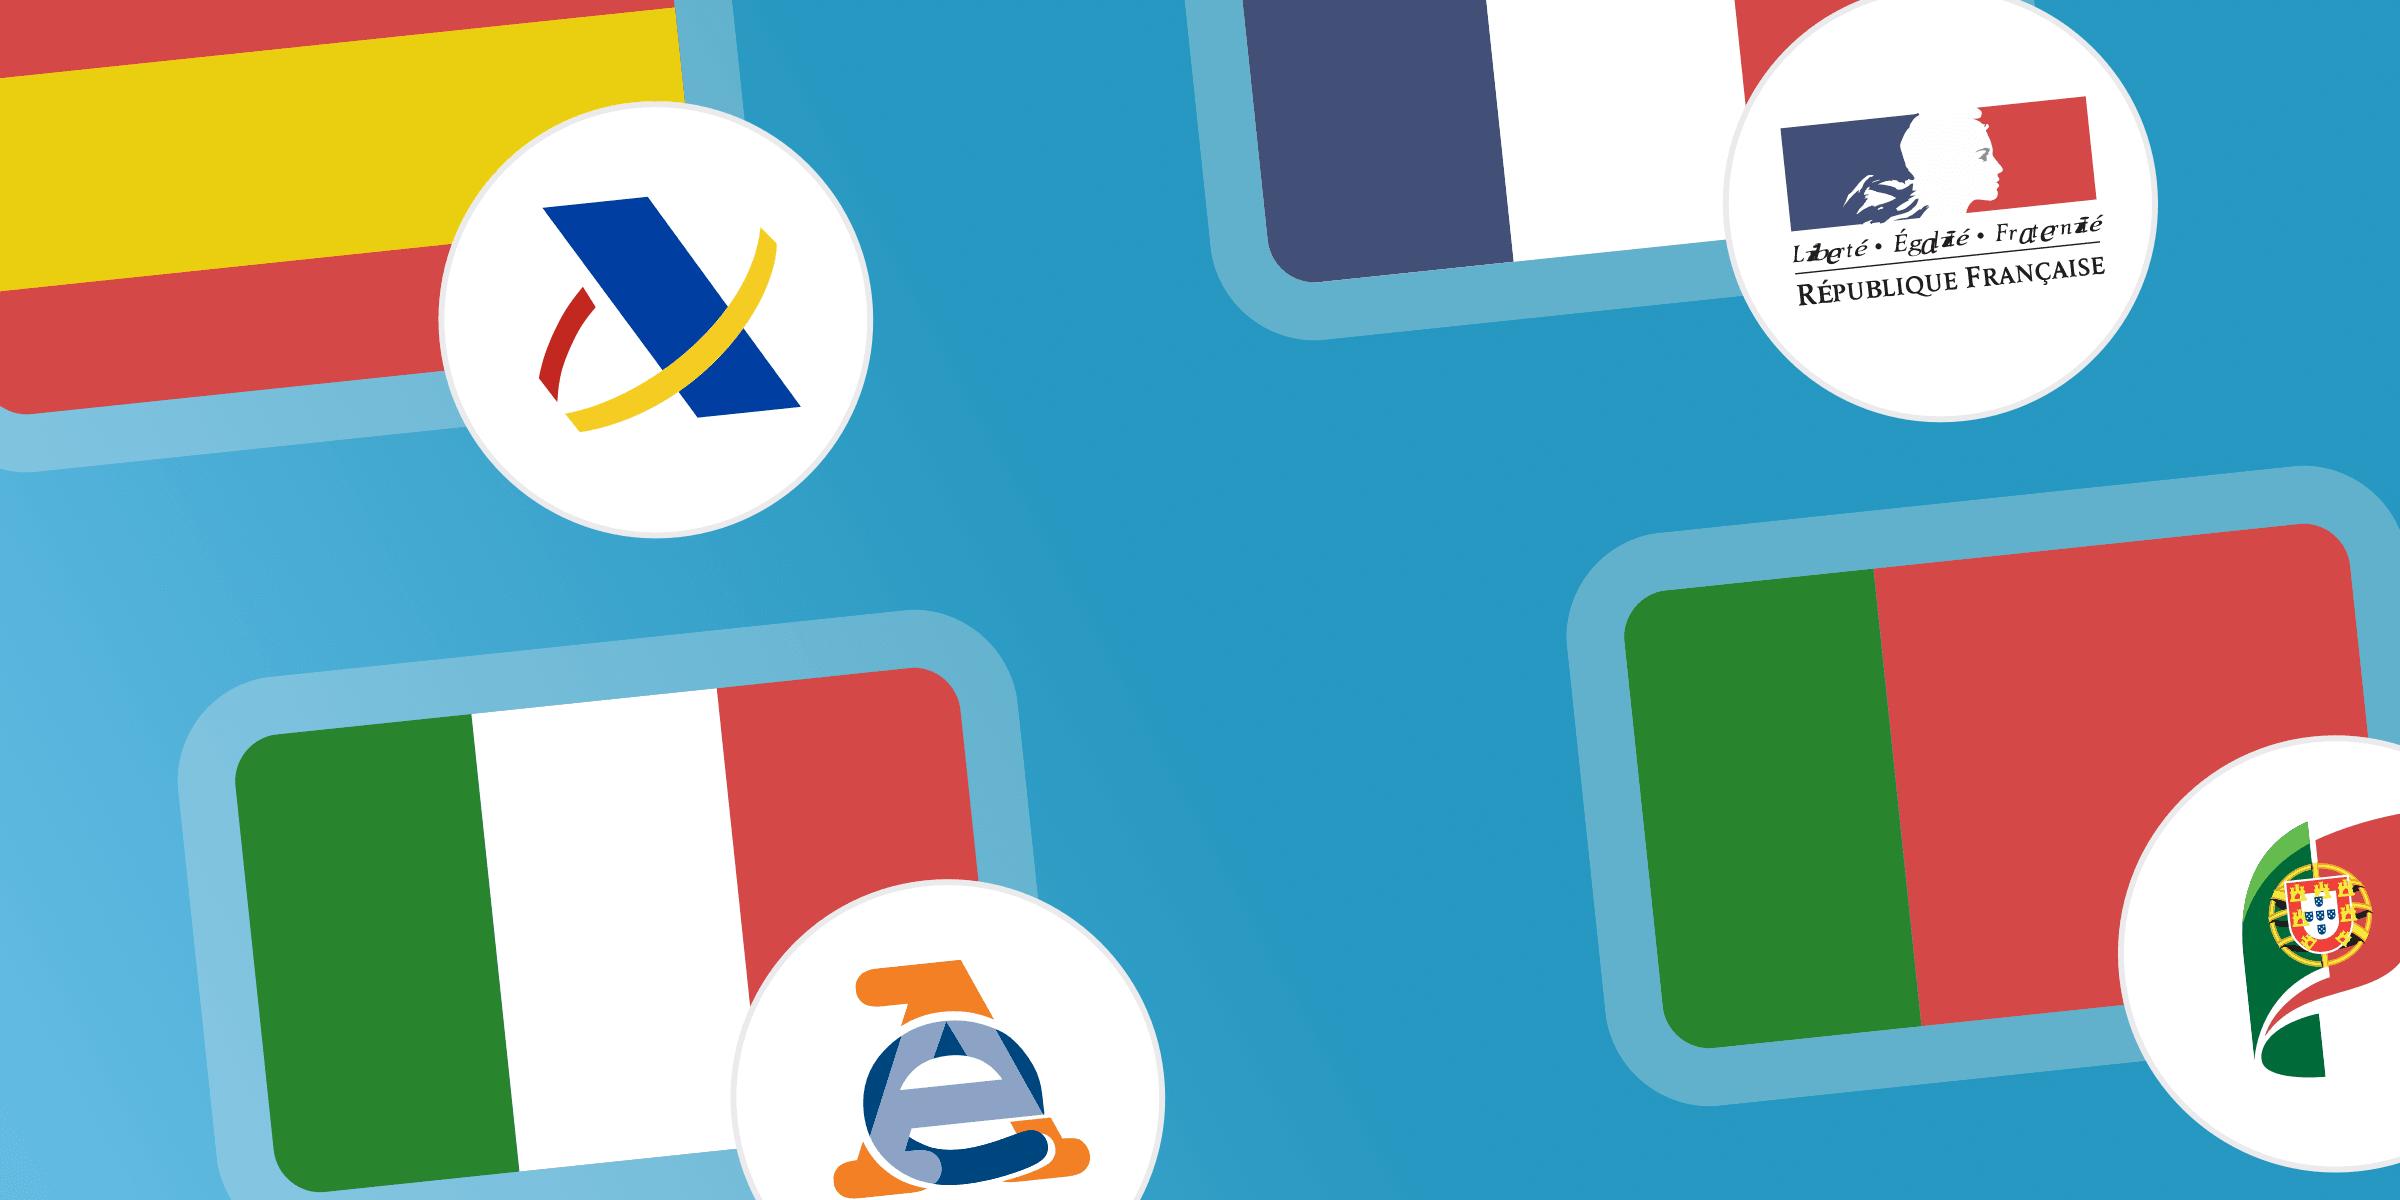 Captio permet désormais l'élimination du papier au Portugal et en France